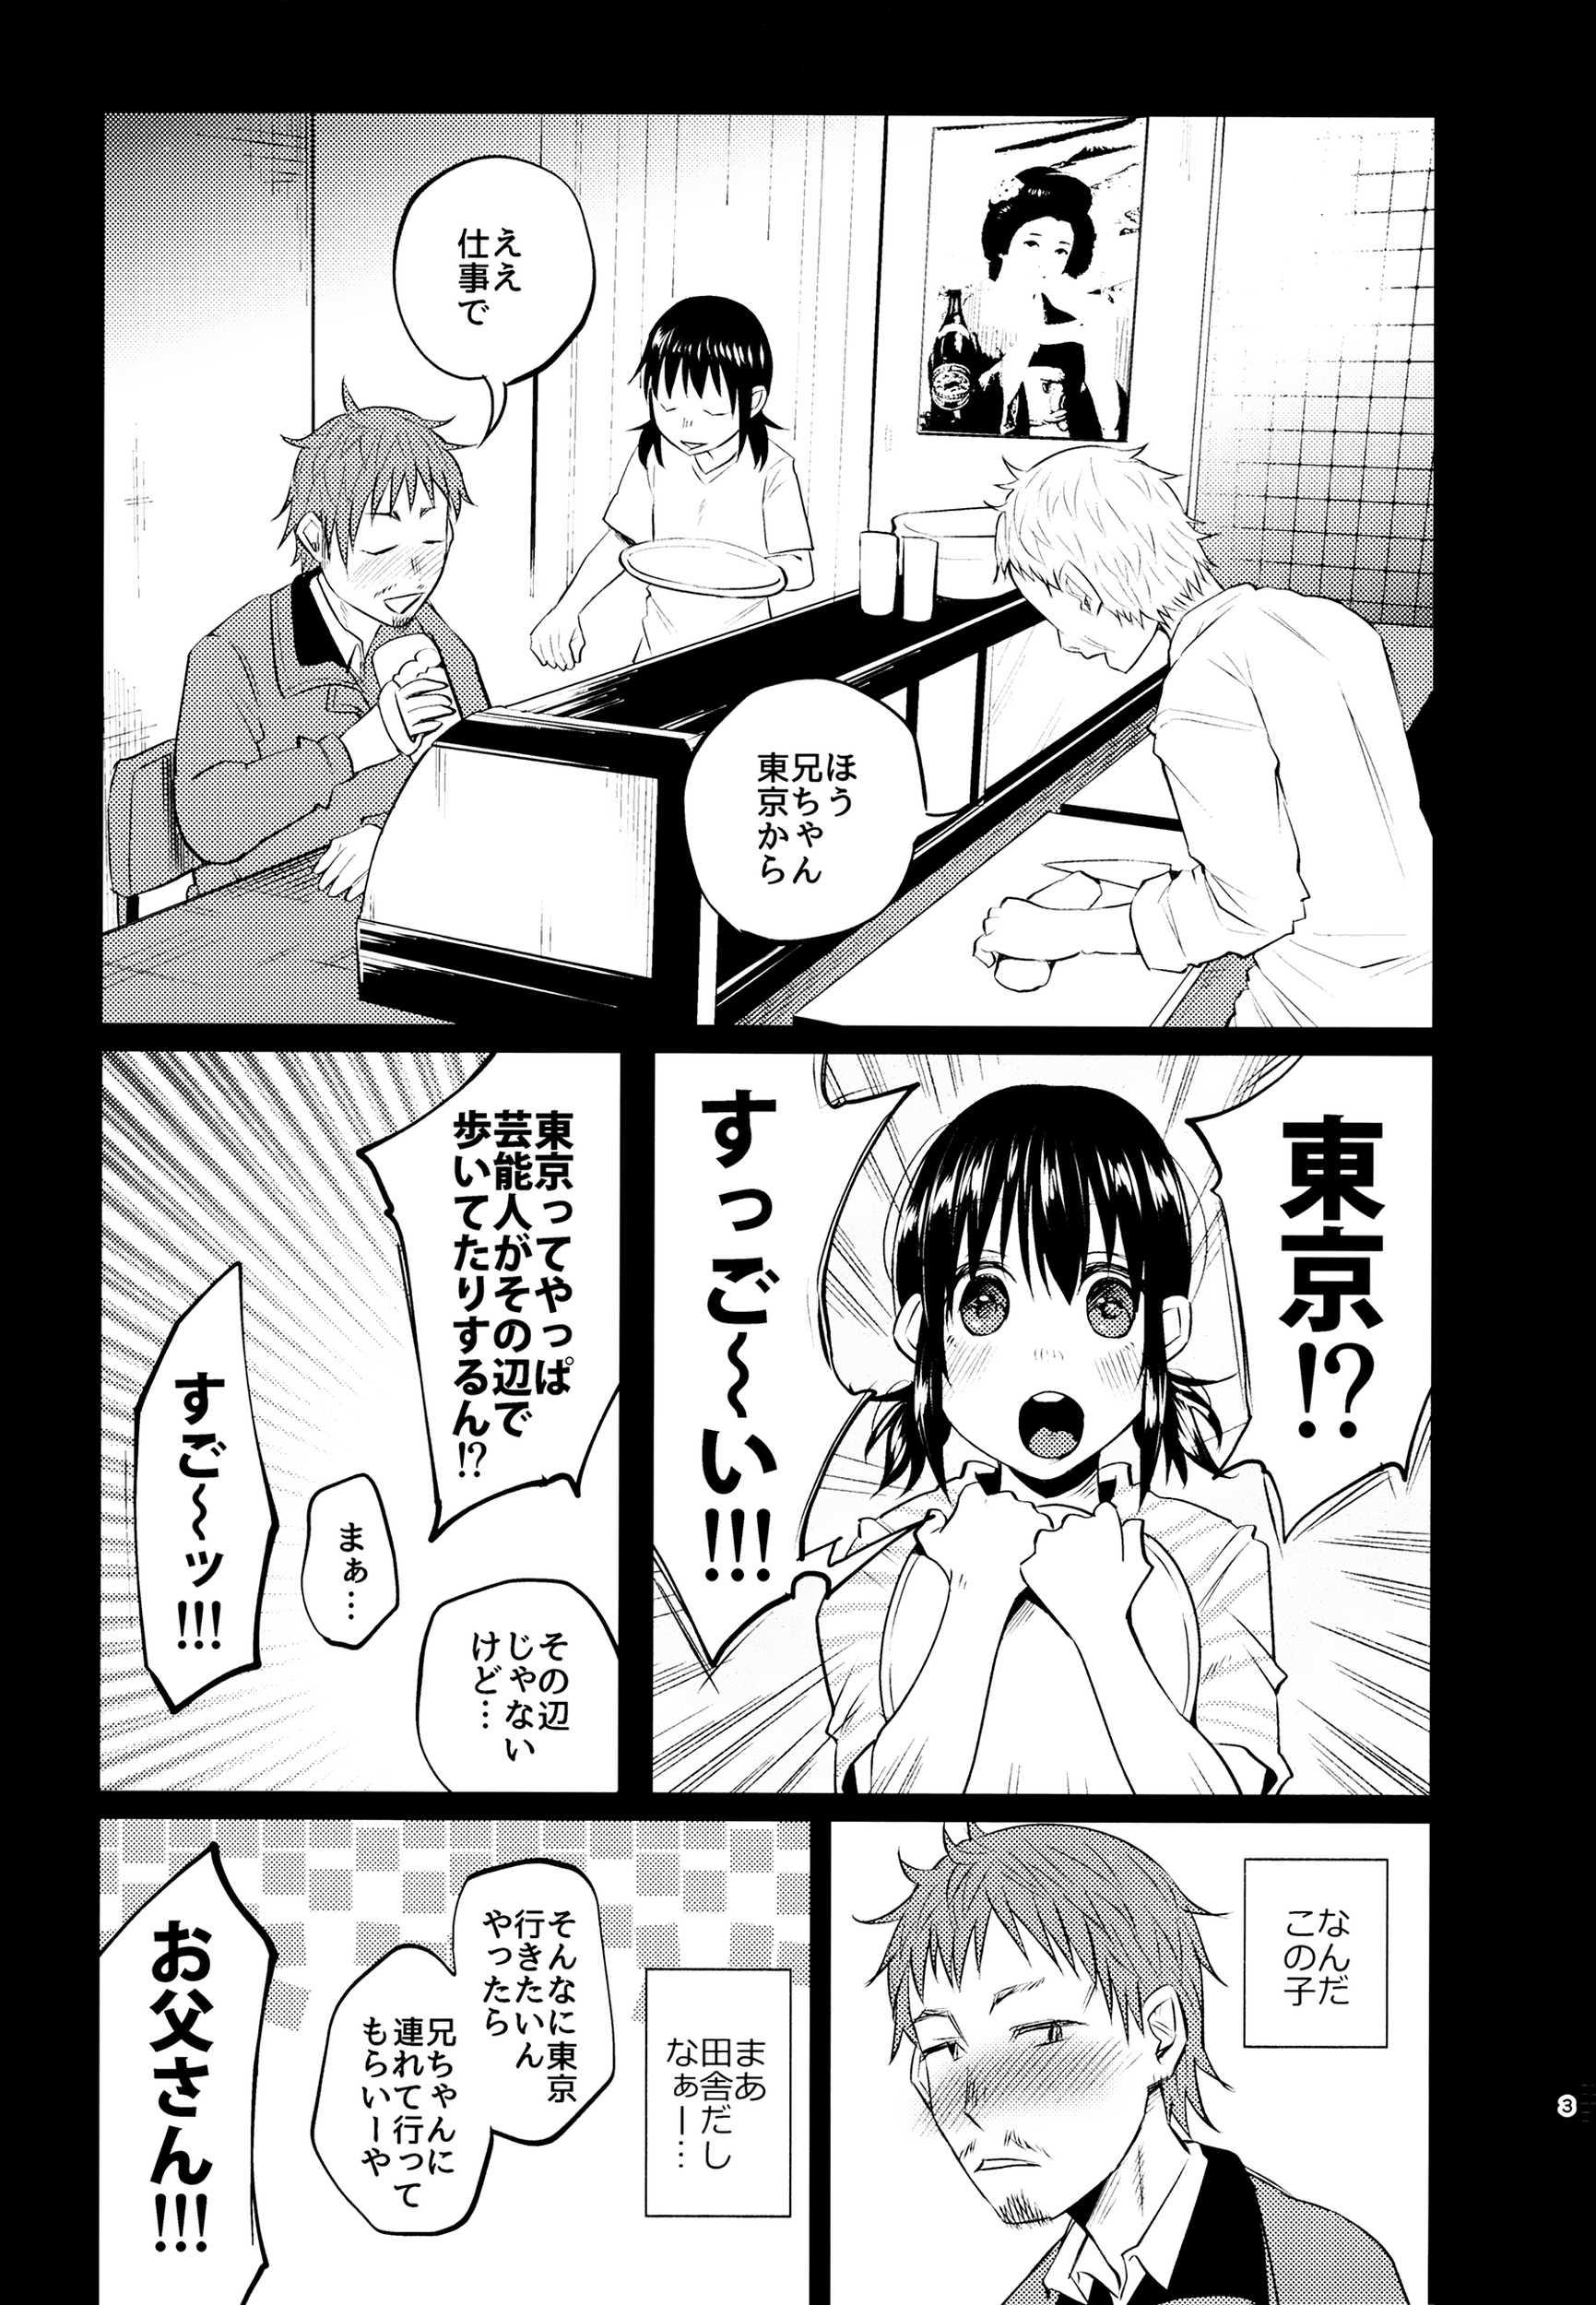 【エロ漫画】ウブな田舎娘に手を出したらヤンデレ化して逆レイプされるww【無料 エロ同人誌】 (2)